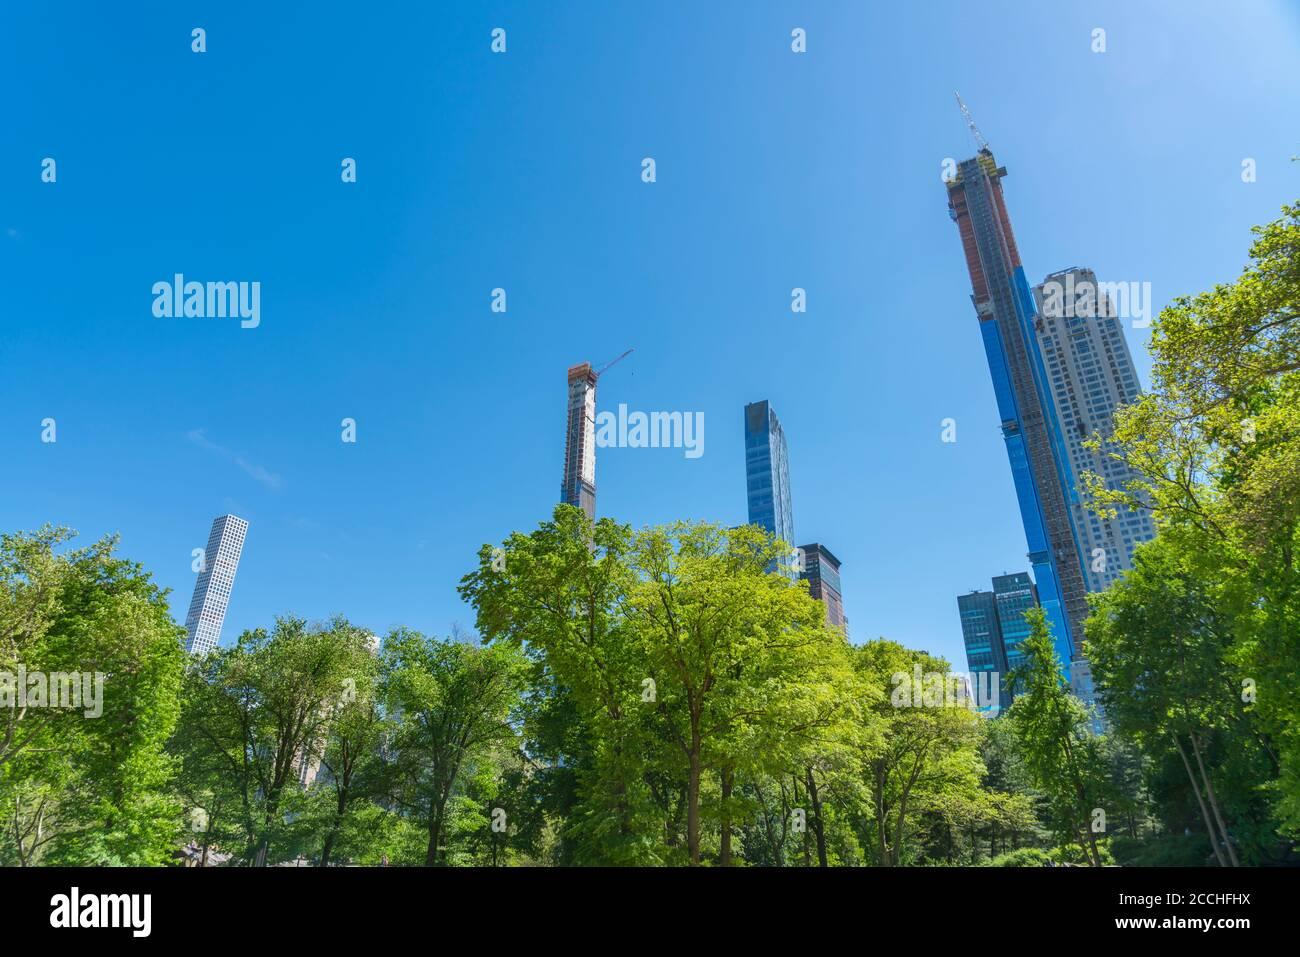 El rascacielos de Manhattan está detrás de árboles verdes frescos en el centro Parque Foto de stock